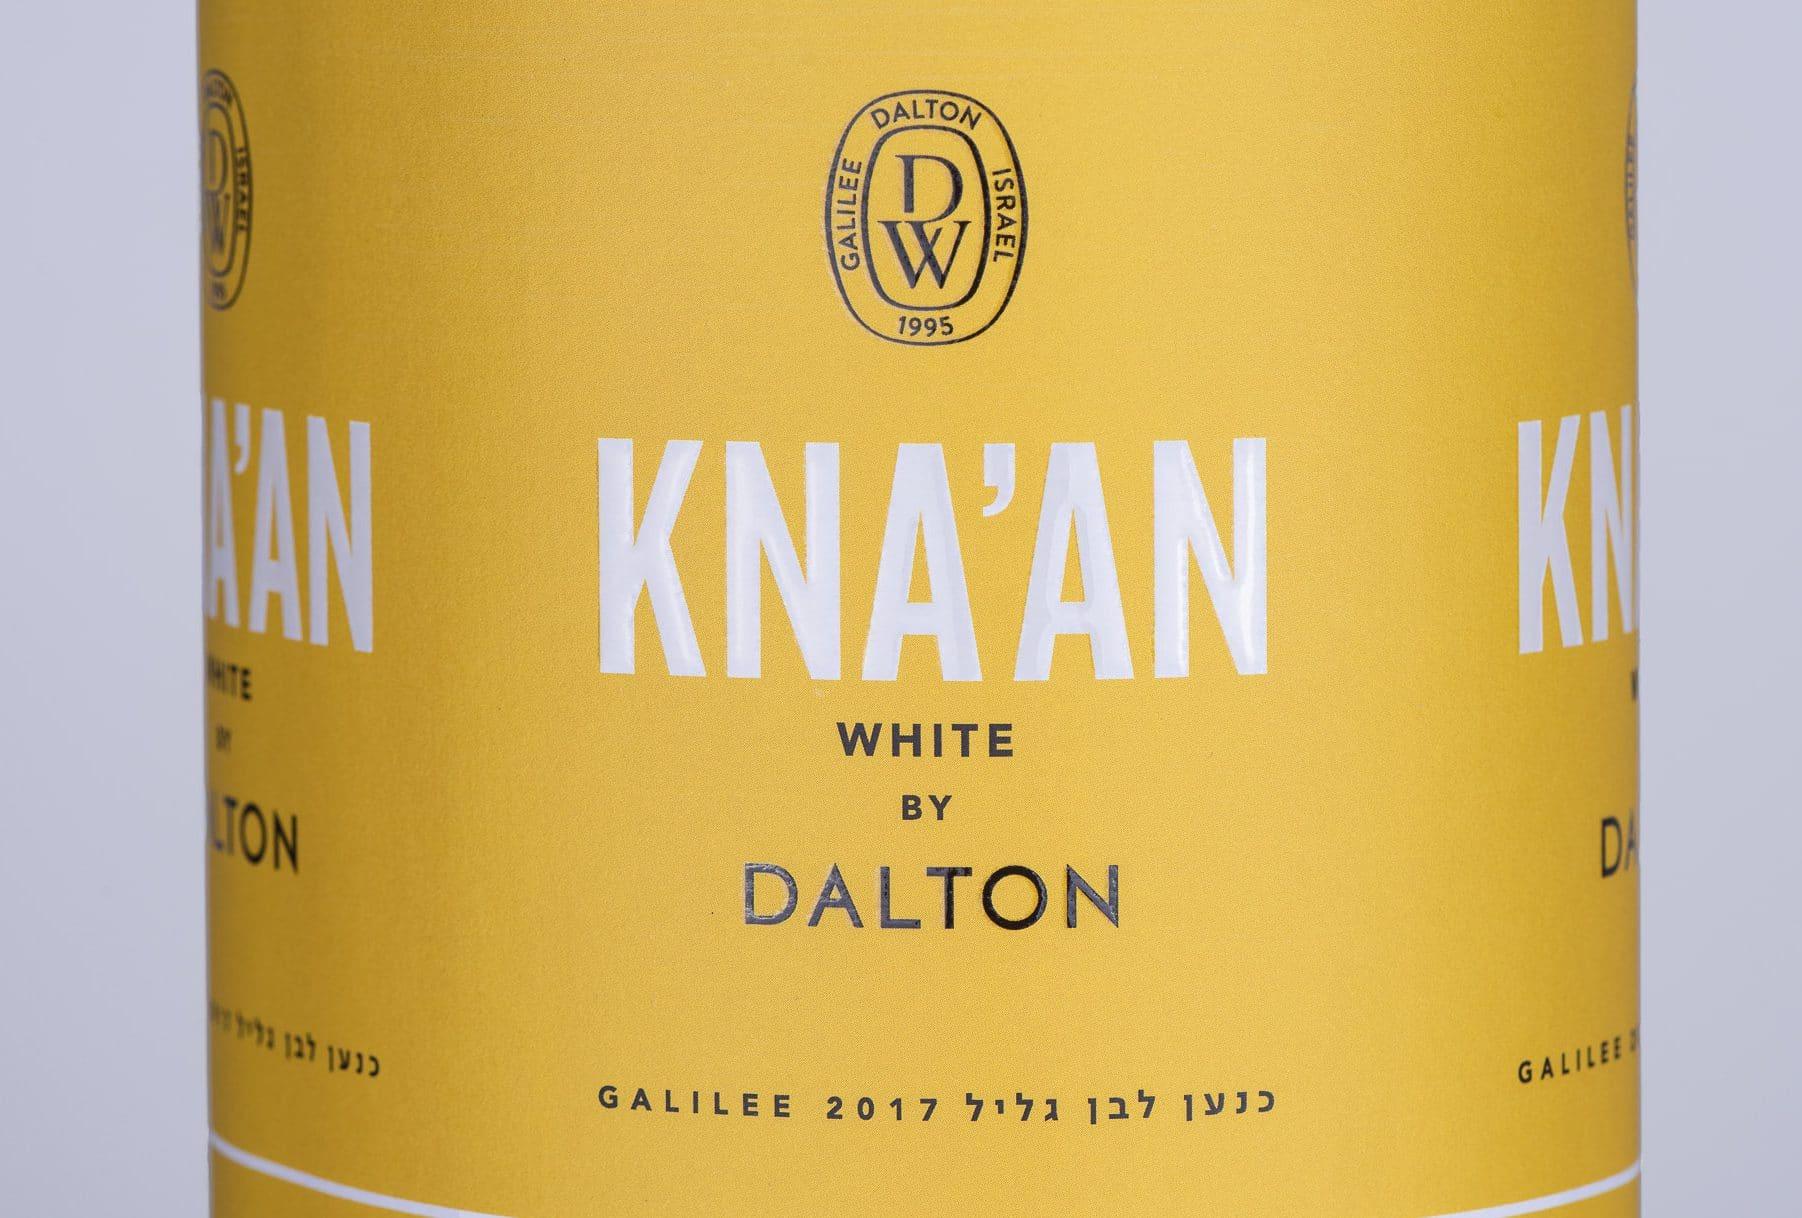 דפוס אופסט - הדפסת גליל תוויות צהובות עם כיתוב לבן ליין כנען לבן, יקב דלתון. כנען לבן מורכב מזני היין הלבנים: סוביניון בלאן, שרדונה, מוסקט ופינו גרי וסמיון